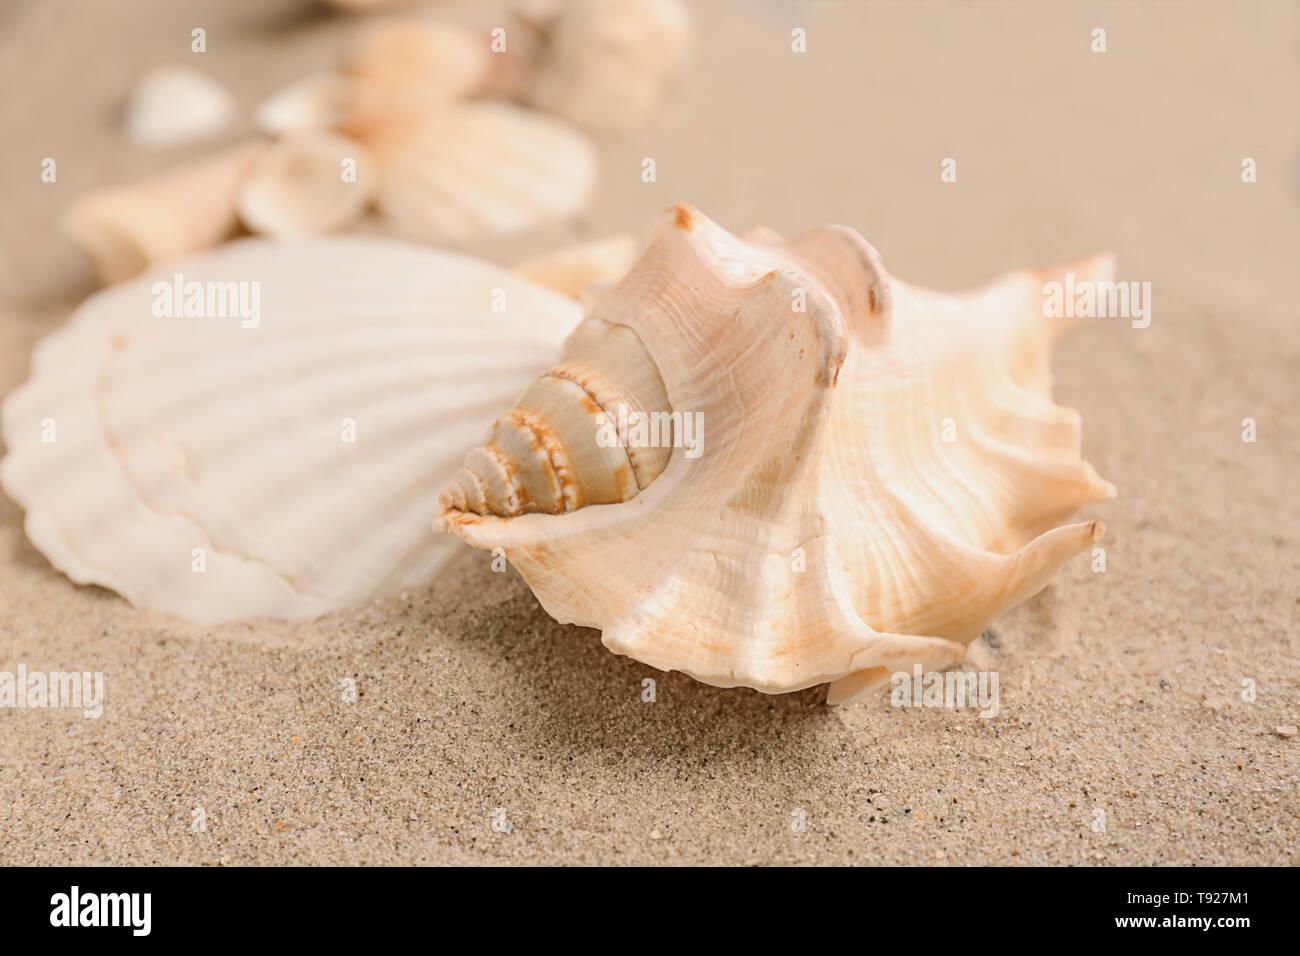 Sea shells on sand - Stock Image